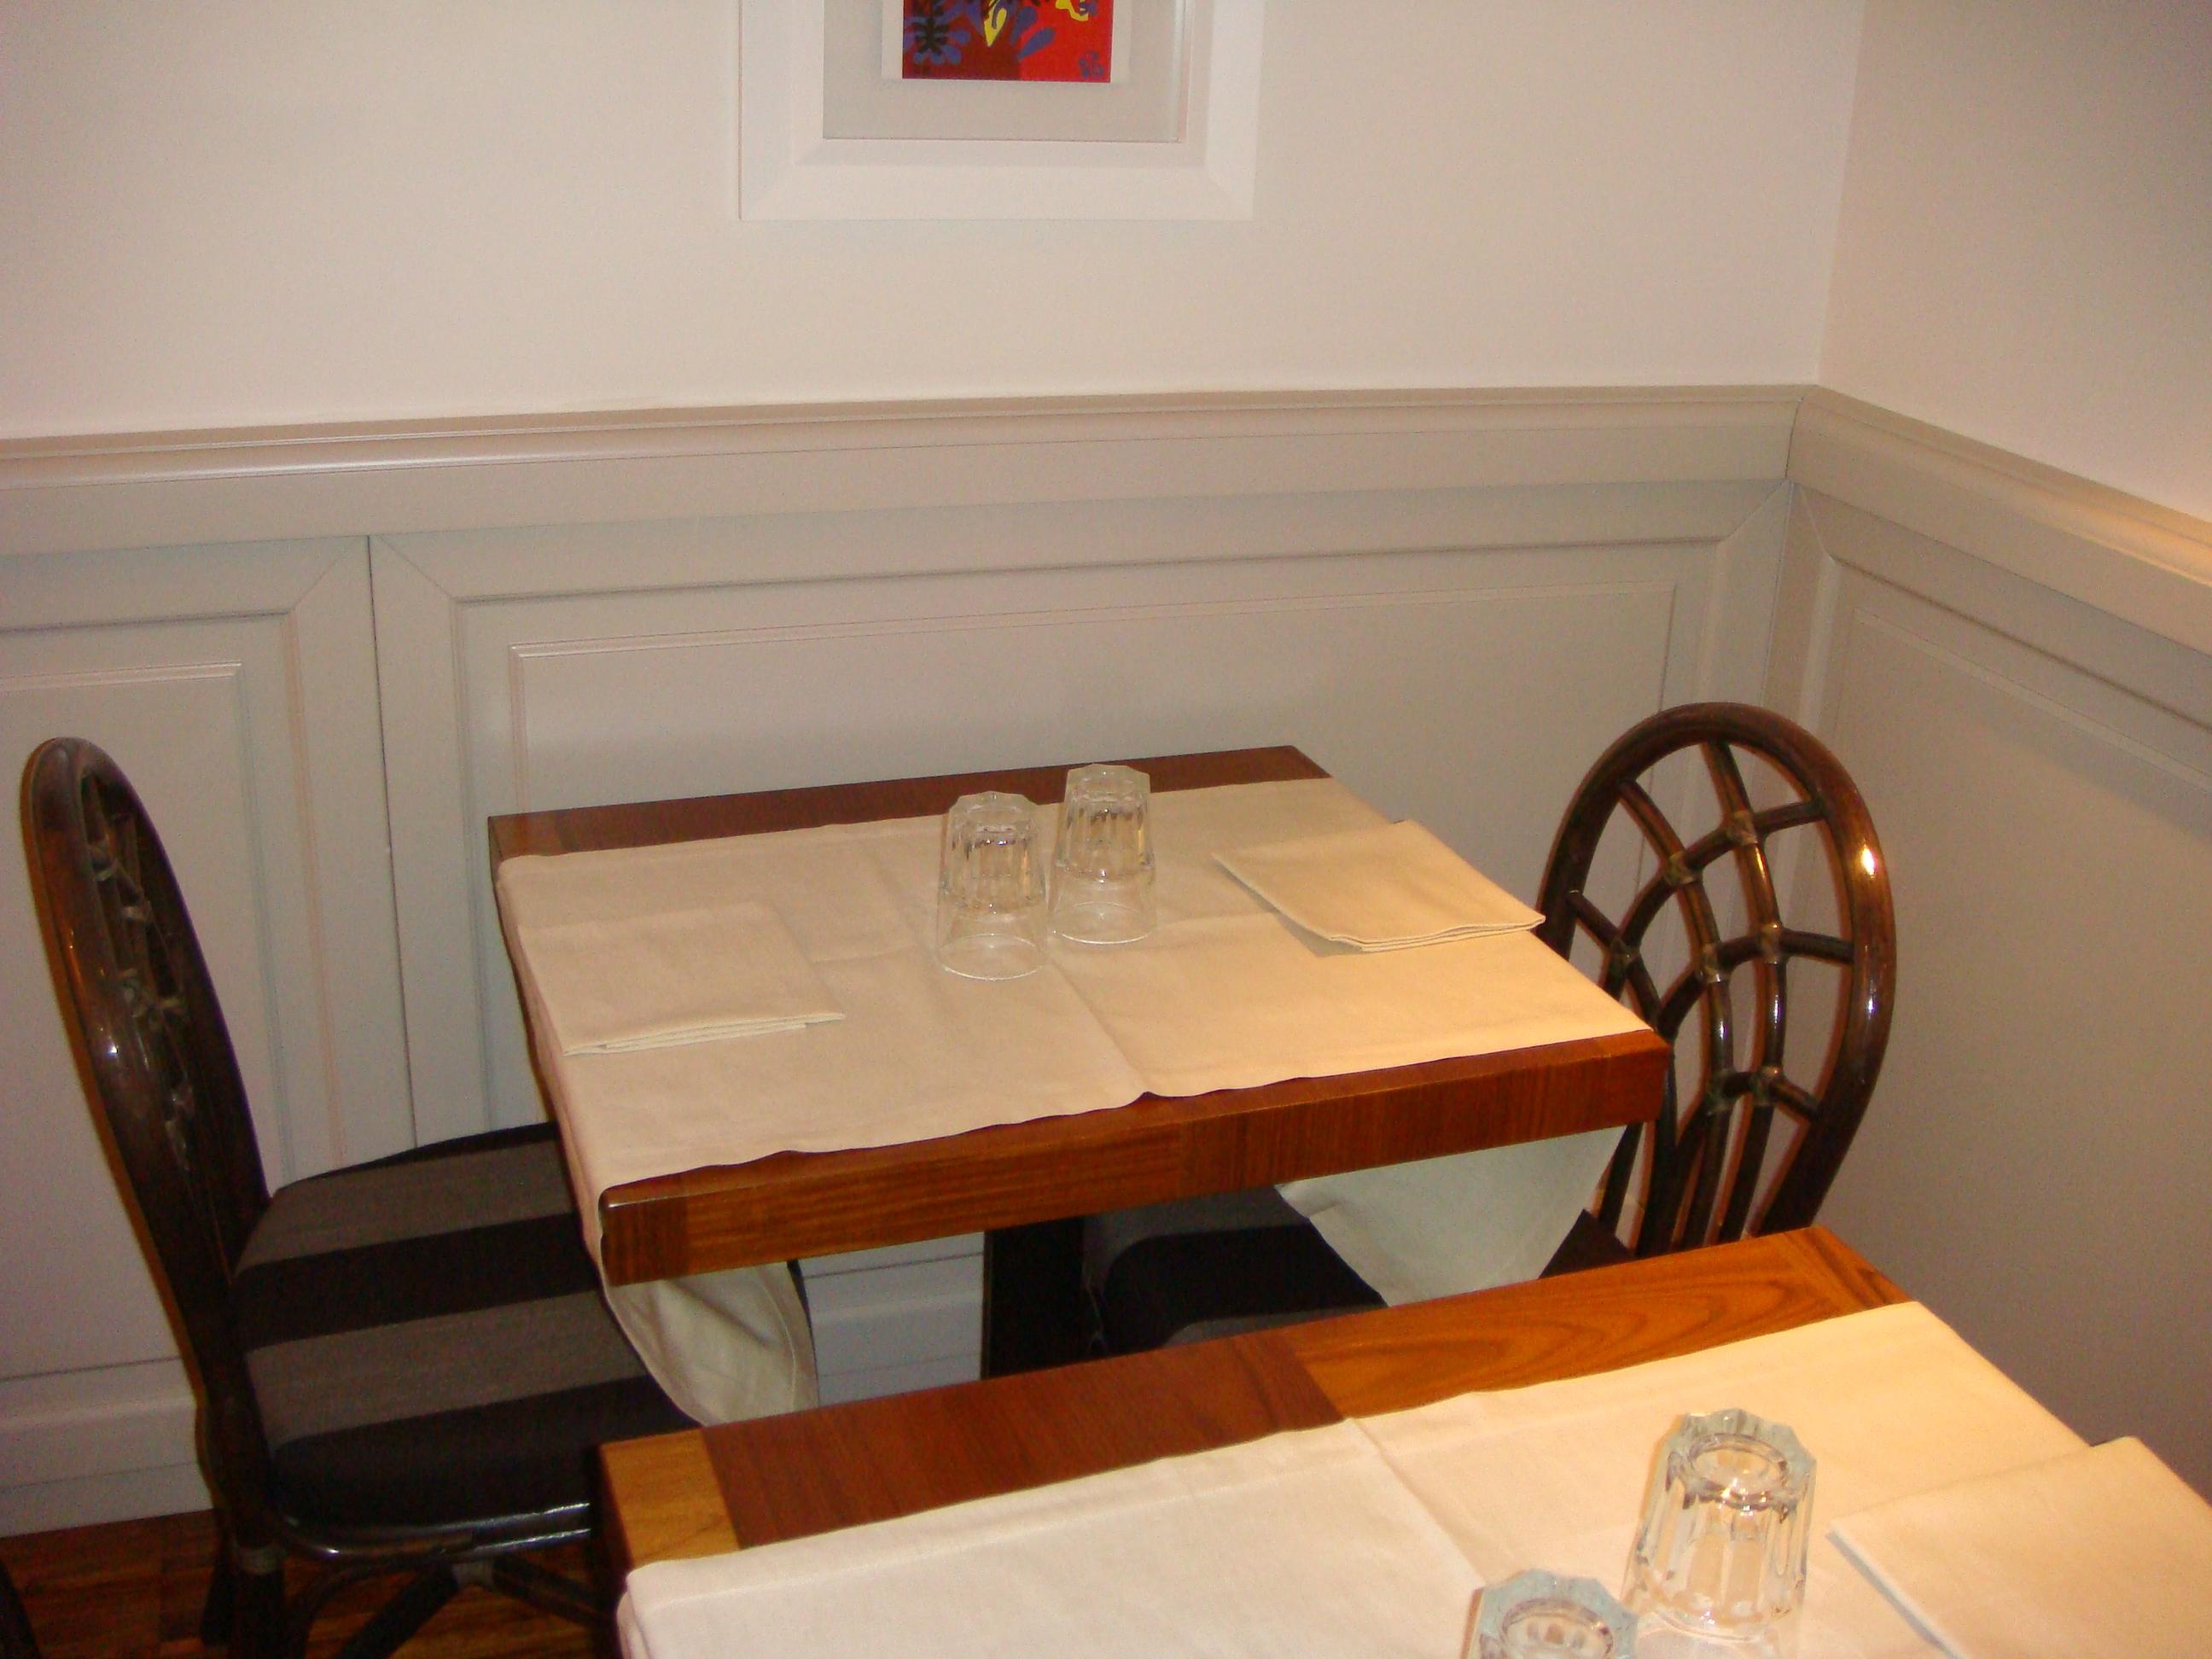 boiserie ristorante ESCAPE='HTML'